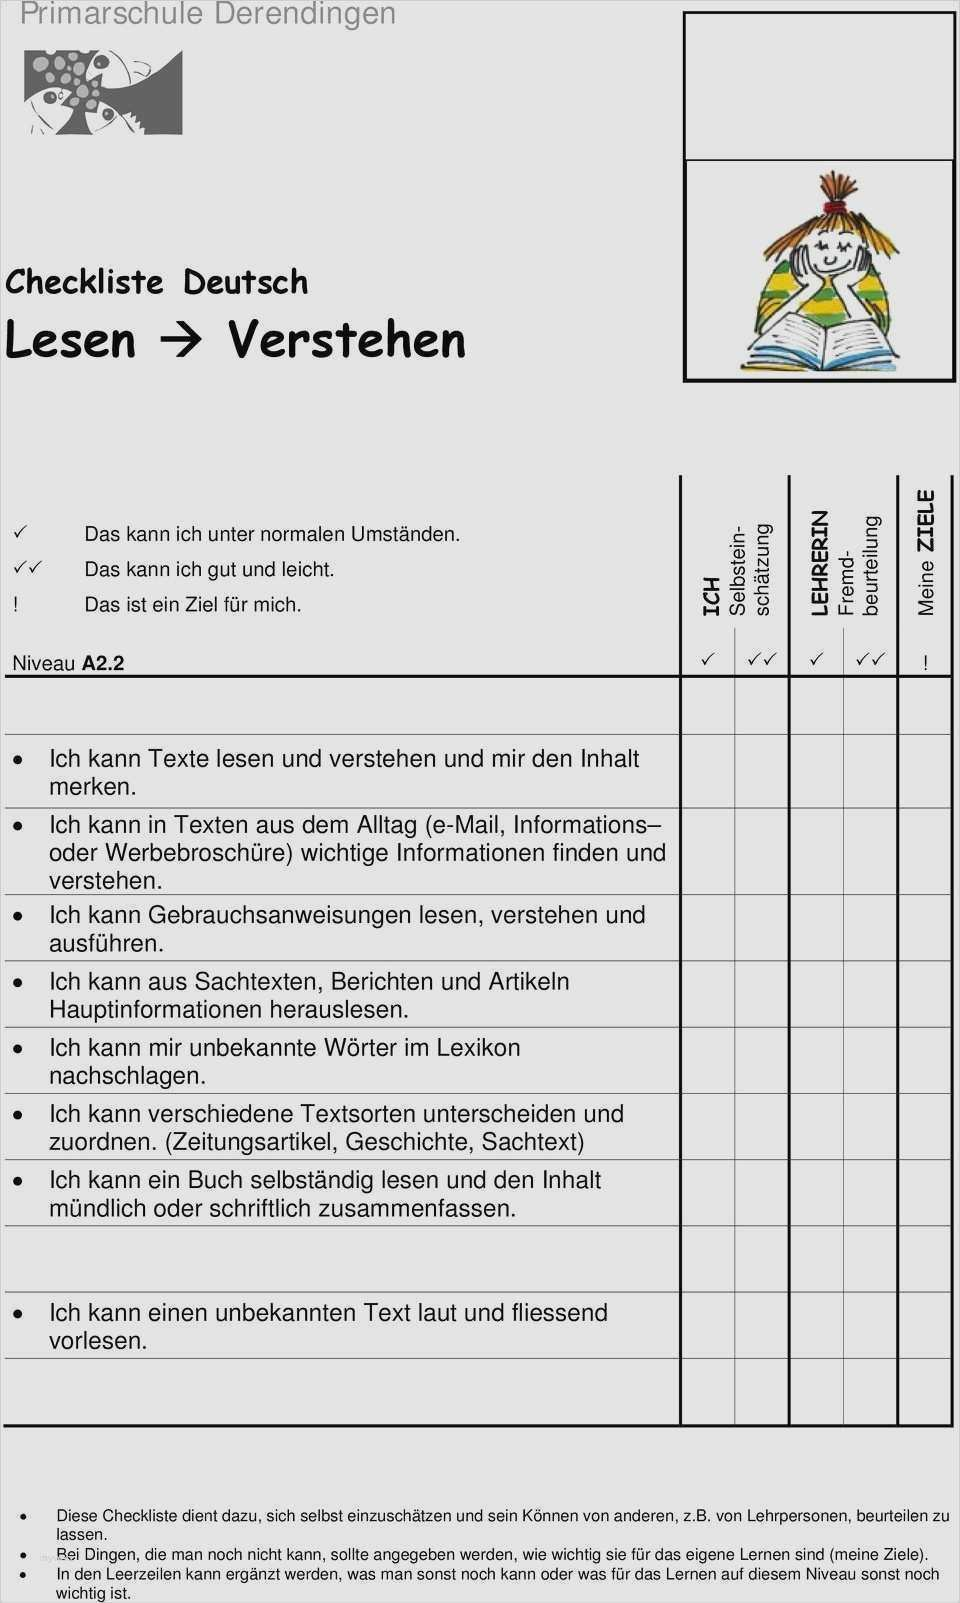 Betriebsanweisung Vorlage Word 29 Elegant Solche Konnen Anpassen In Ms Word Vorlagen Word Lebenslaufvorlage Businessplan Vorlage